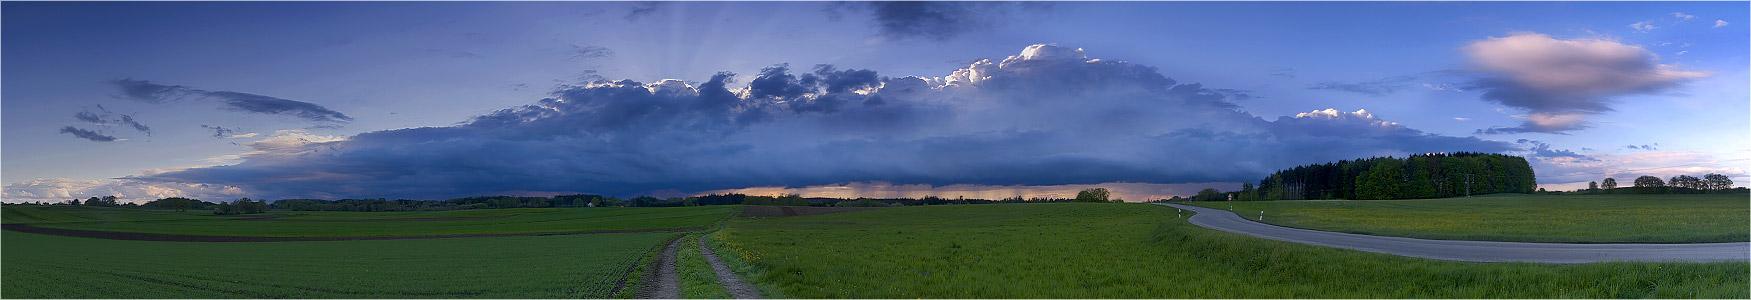 Die Regenwolke